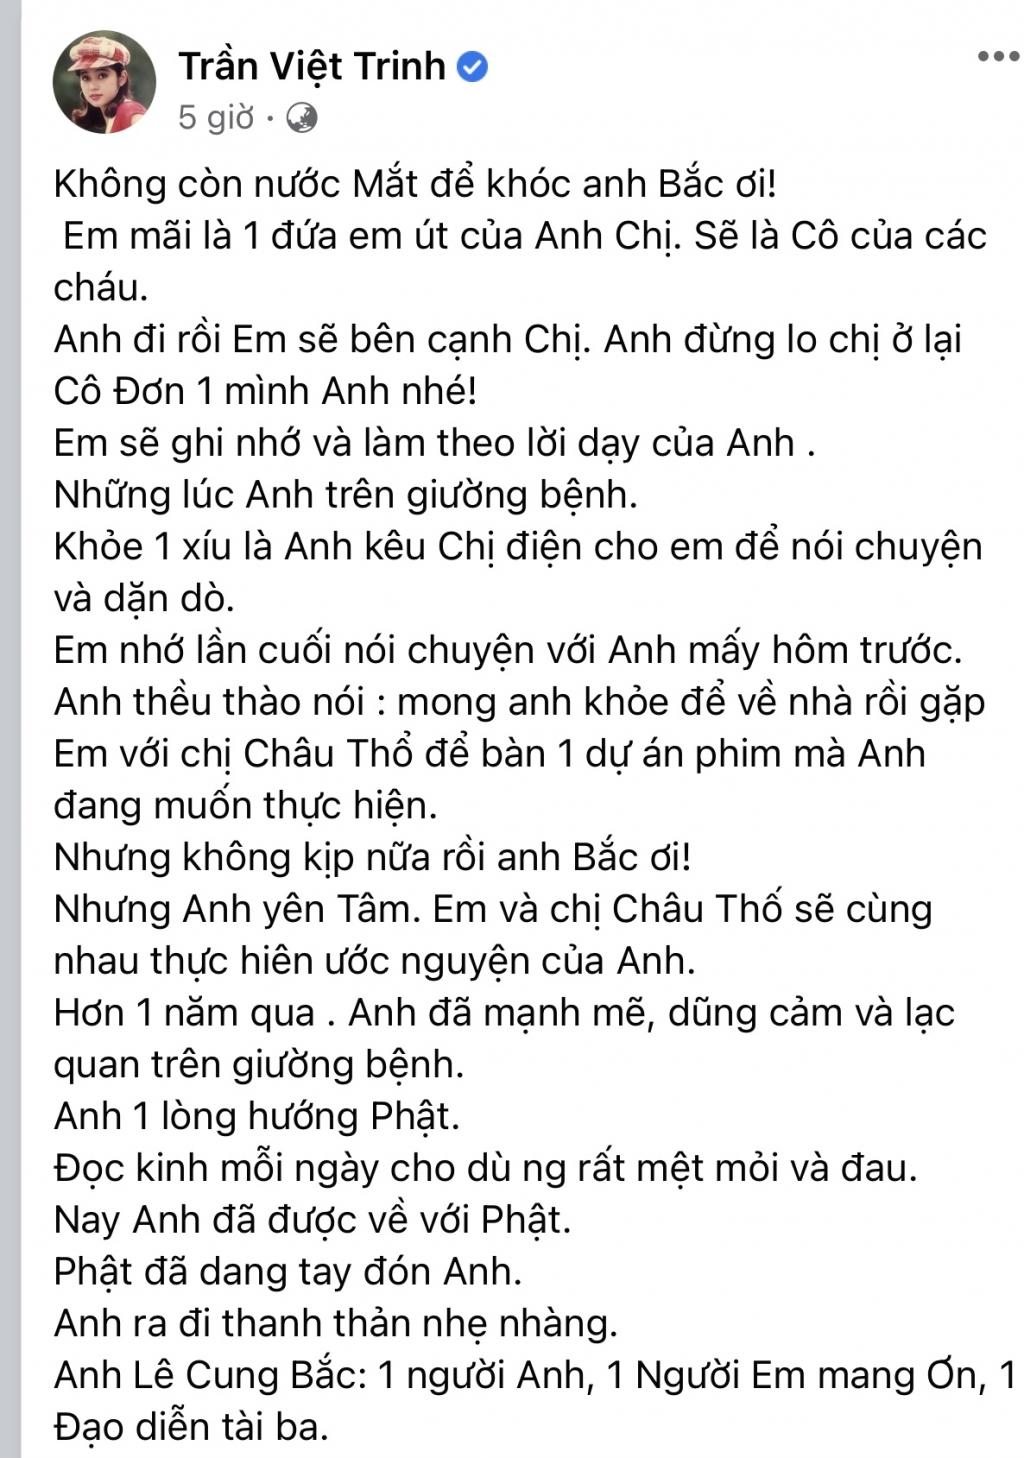 'Người đẹp Tây Đô' Việt Trinh tiếc thương sự ra đi của NSƯT Lê Cung Bắc: 'Không còn nước mắt để khóc anh ơi'